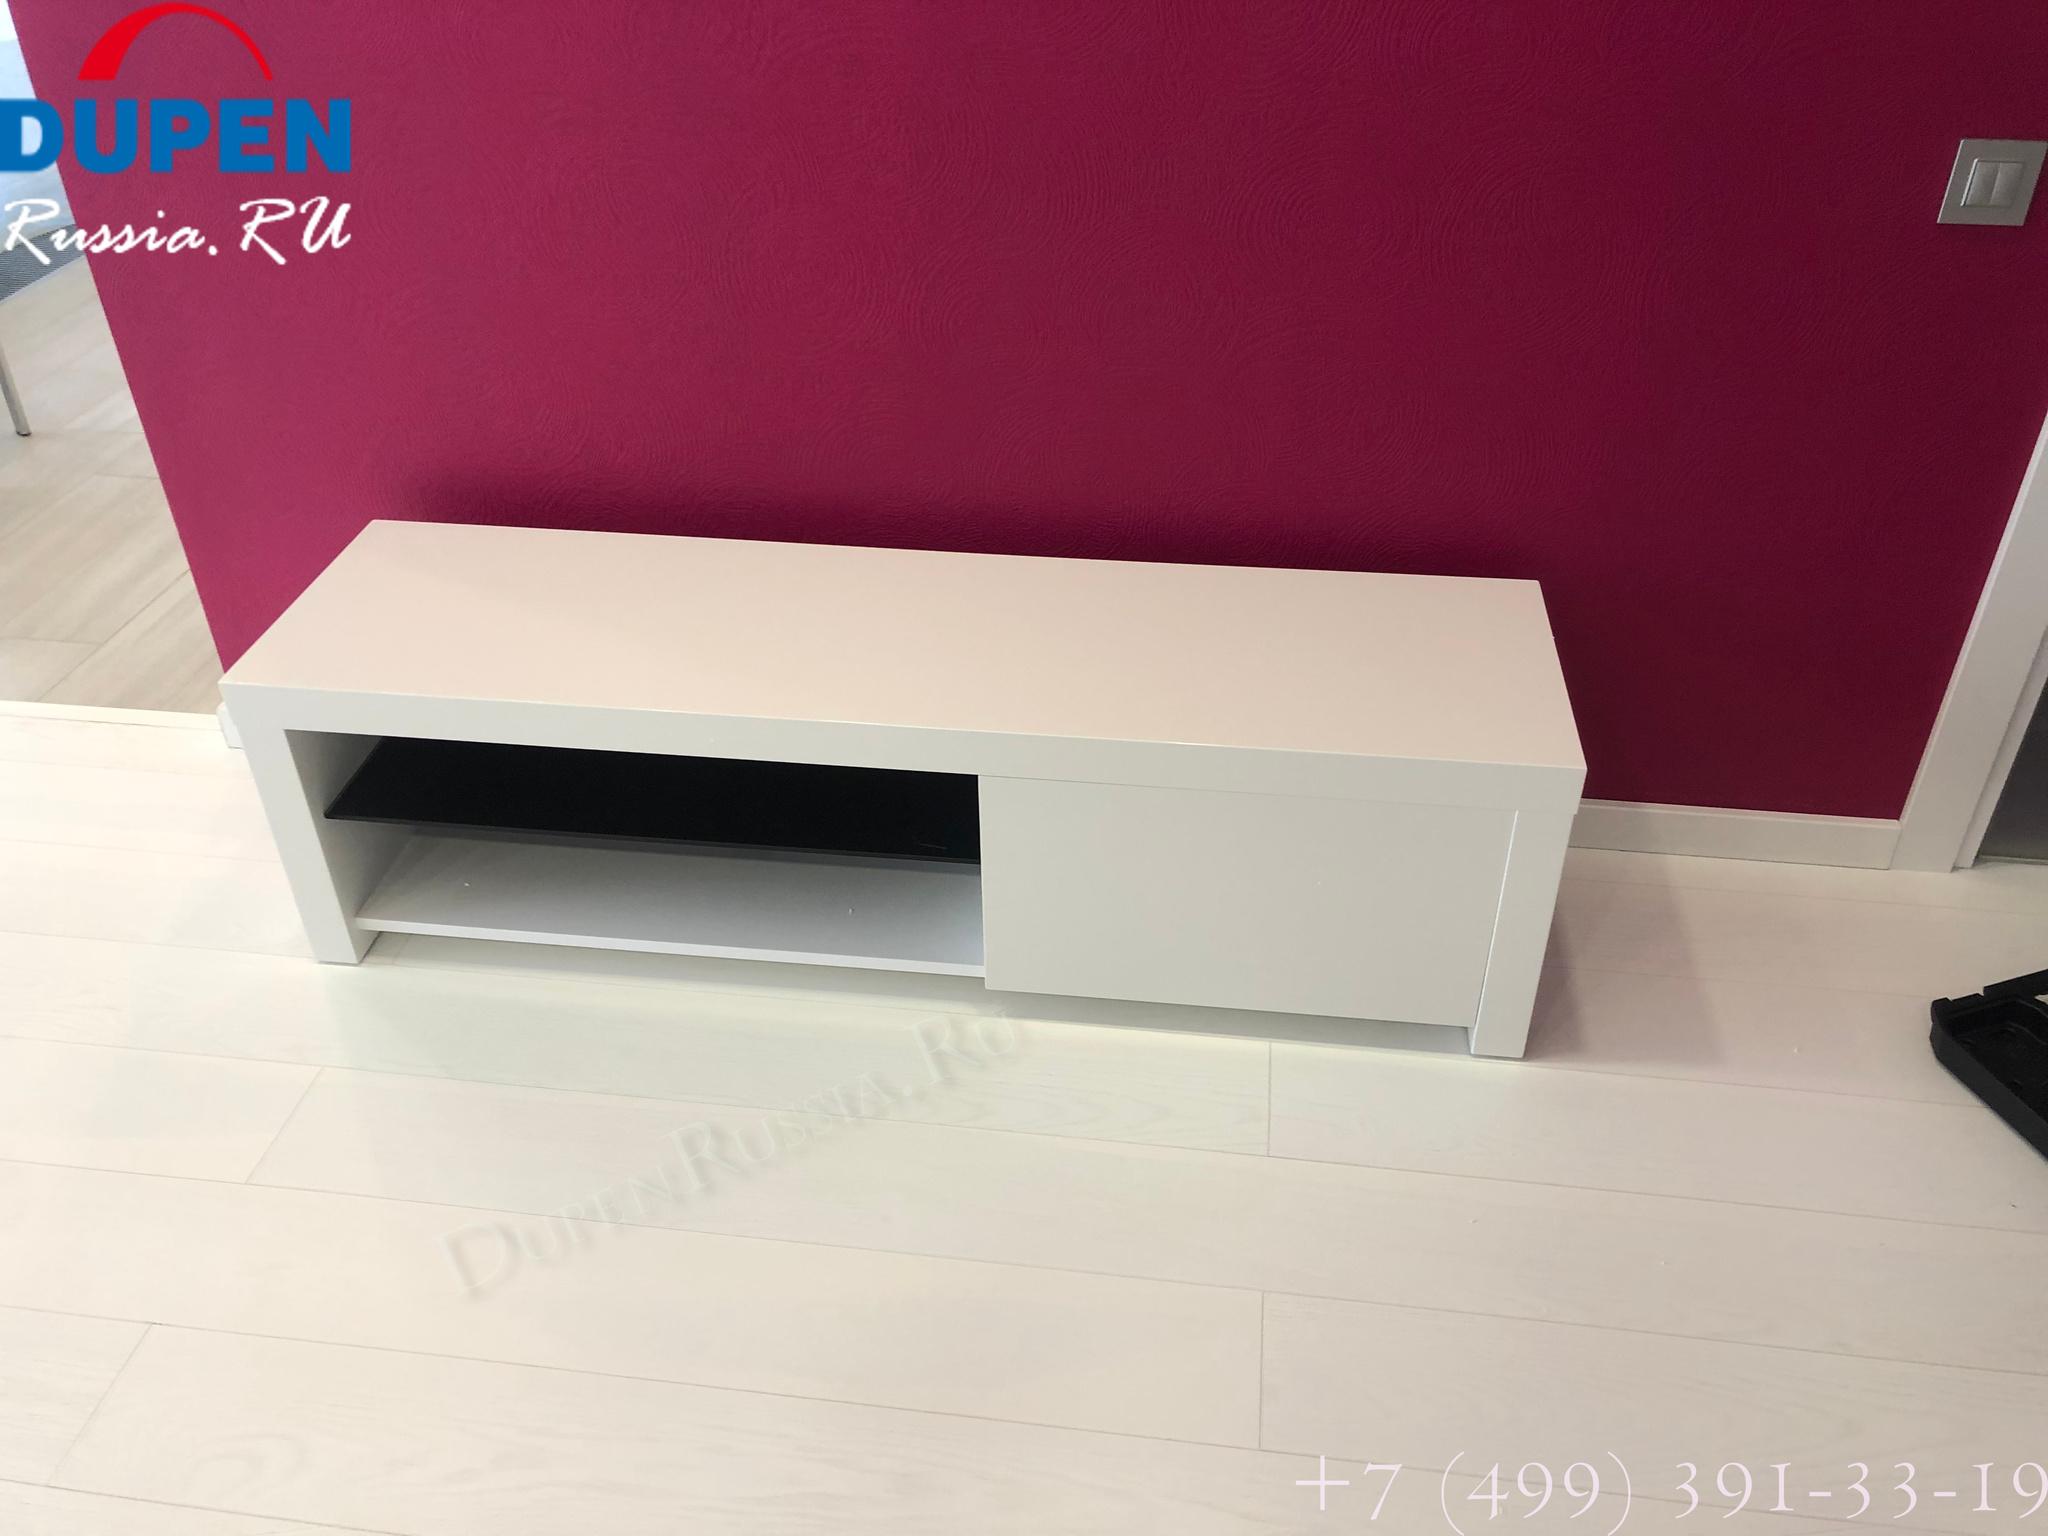 Тумба DUPEN (Дюпен) TV 603